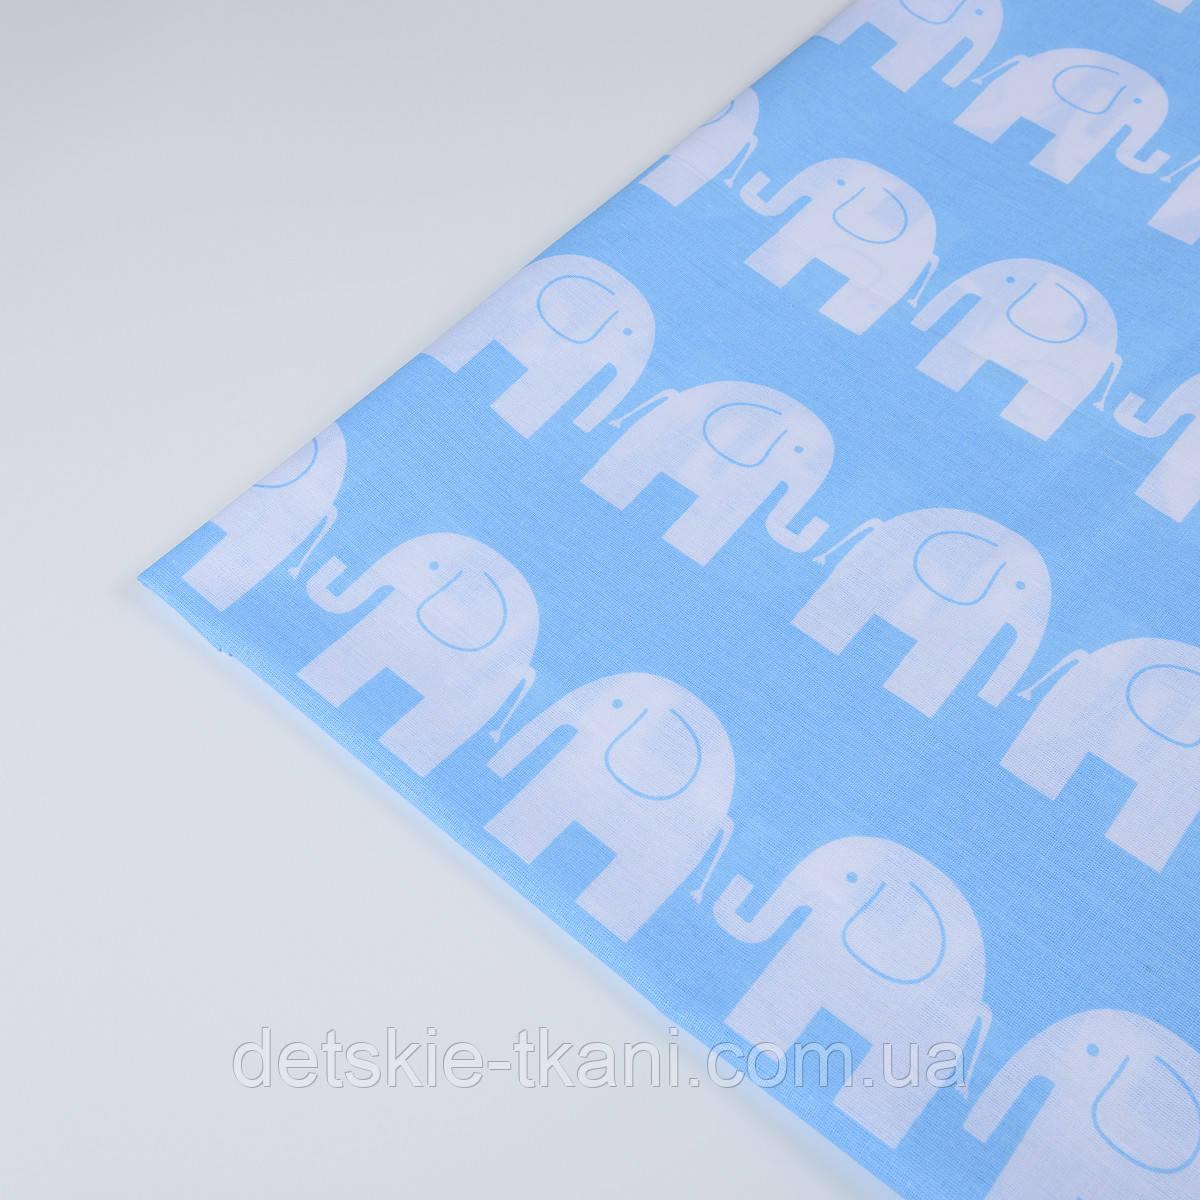 Лоскут ткани №74 бязь со слониками на голубом фоне, размер 16*160 см